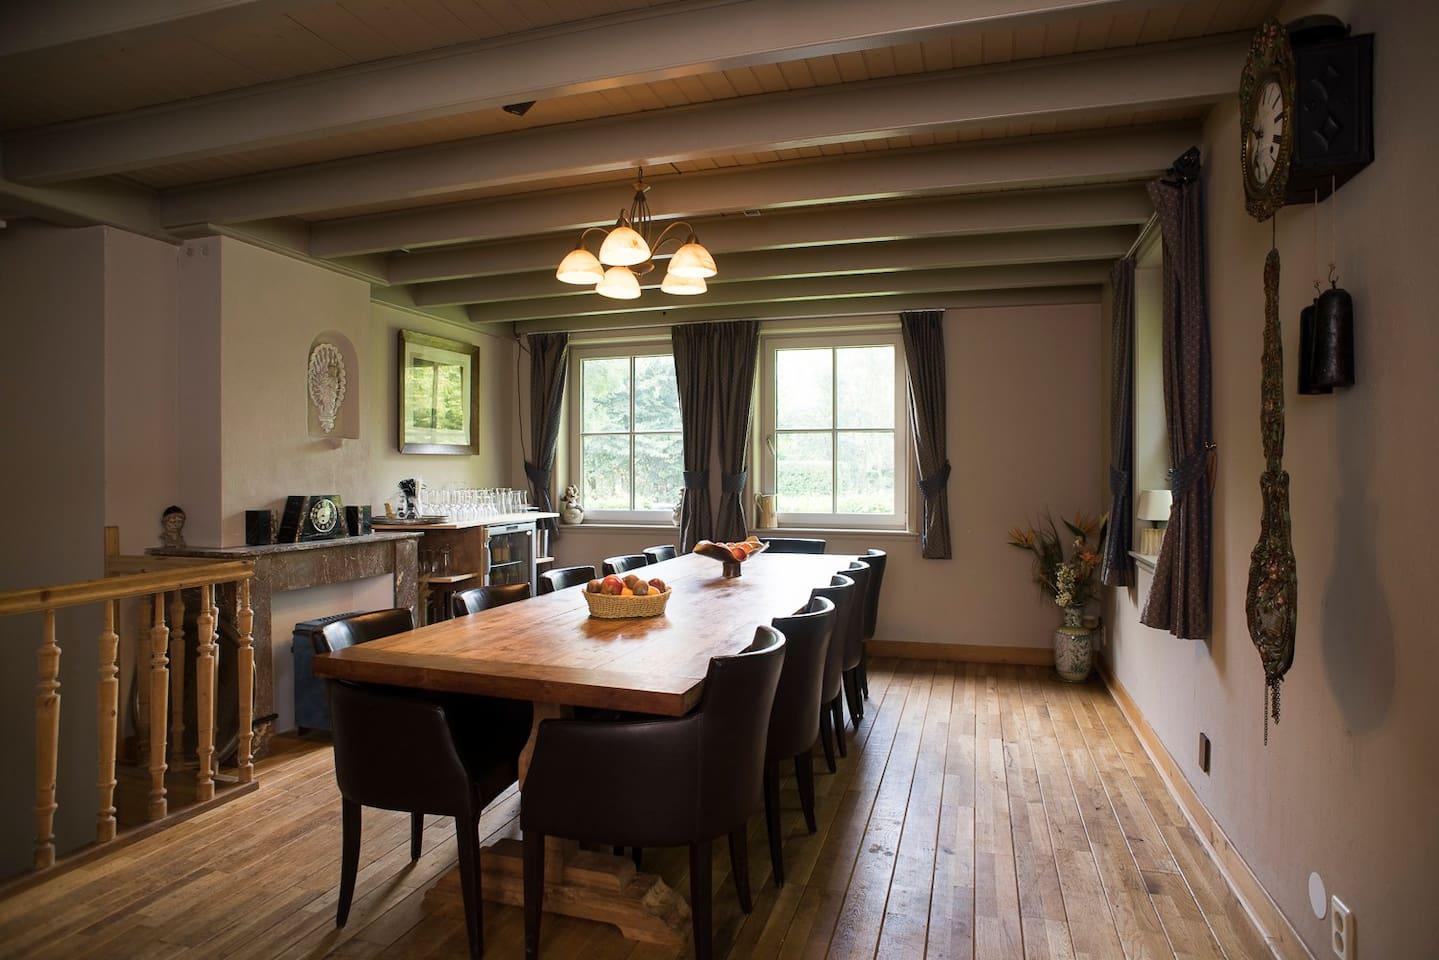 Etage met 4 slaapkamers in Herberg - Bed & breakfasts te Huur in ...